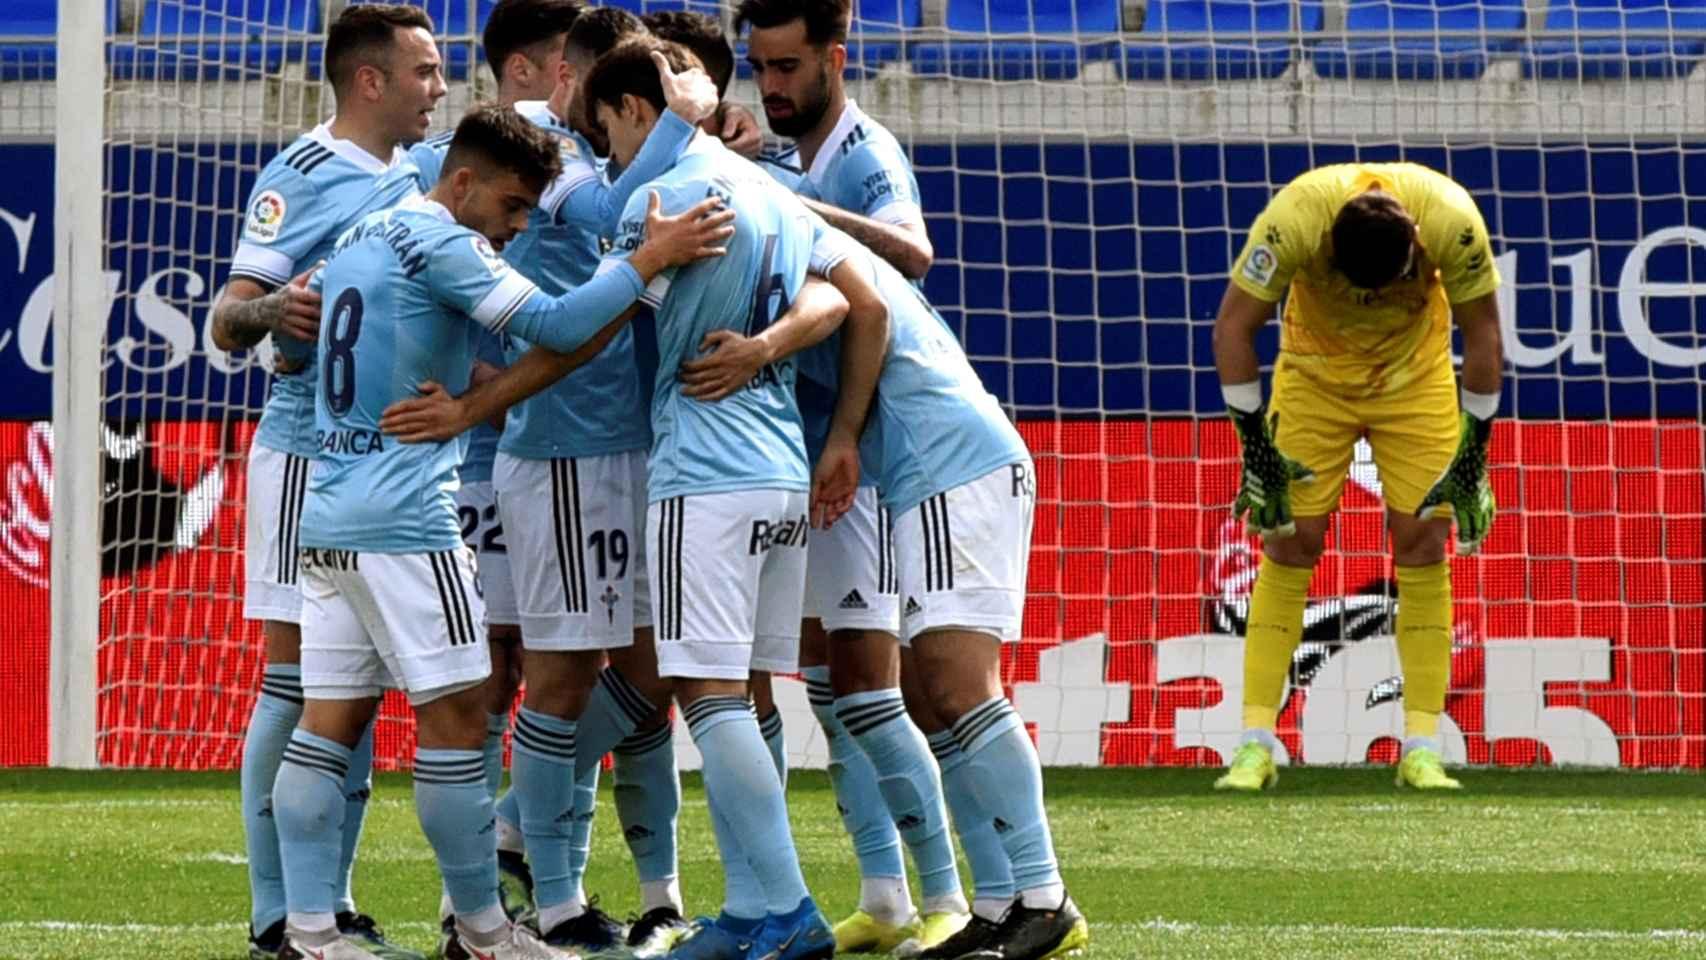 SD Huesca 3-4 Celta de Vigo: El Celta sale ganador de la locura goleadora  del Alcoraz ante un Huesca que vuelve a hundirse